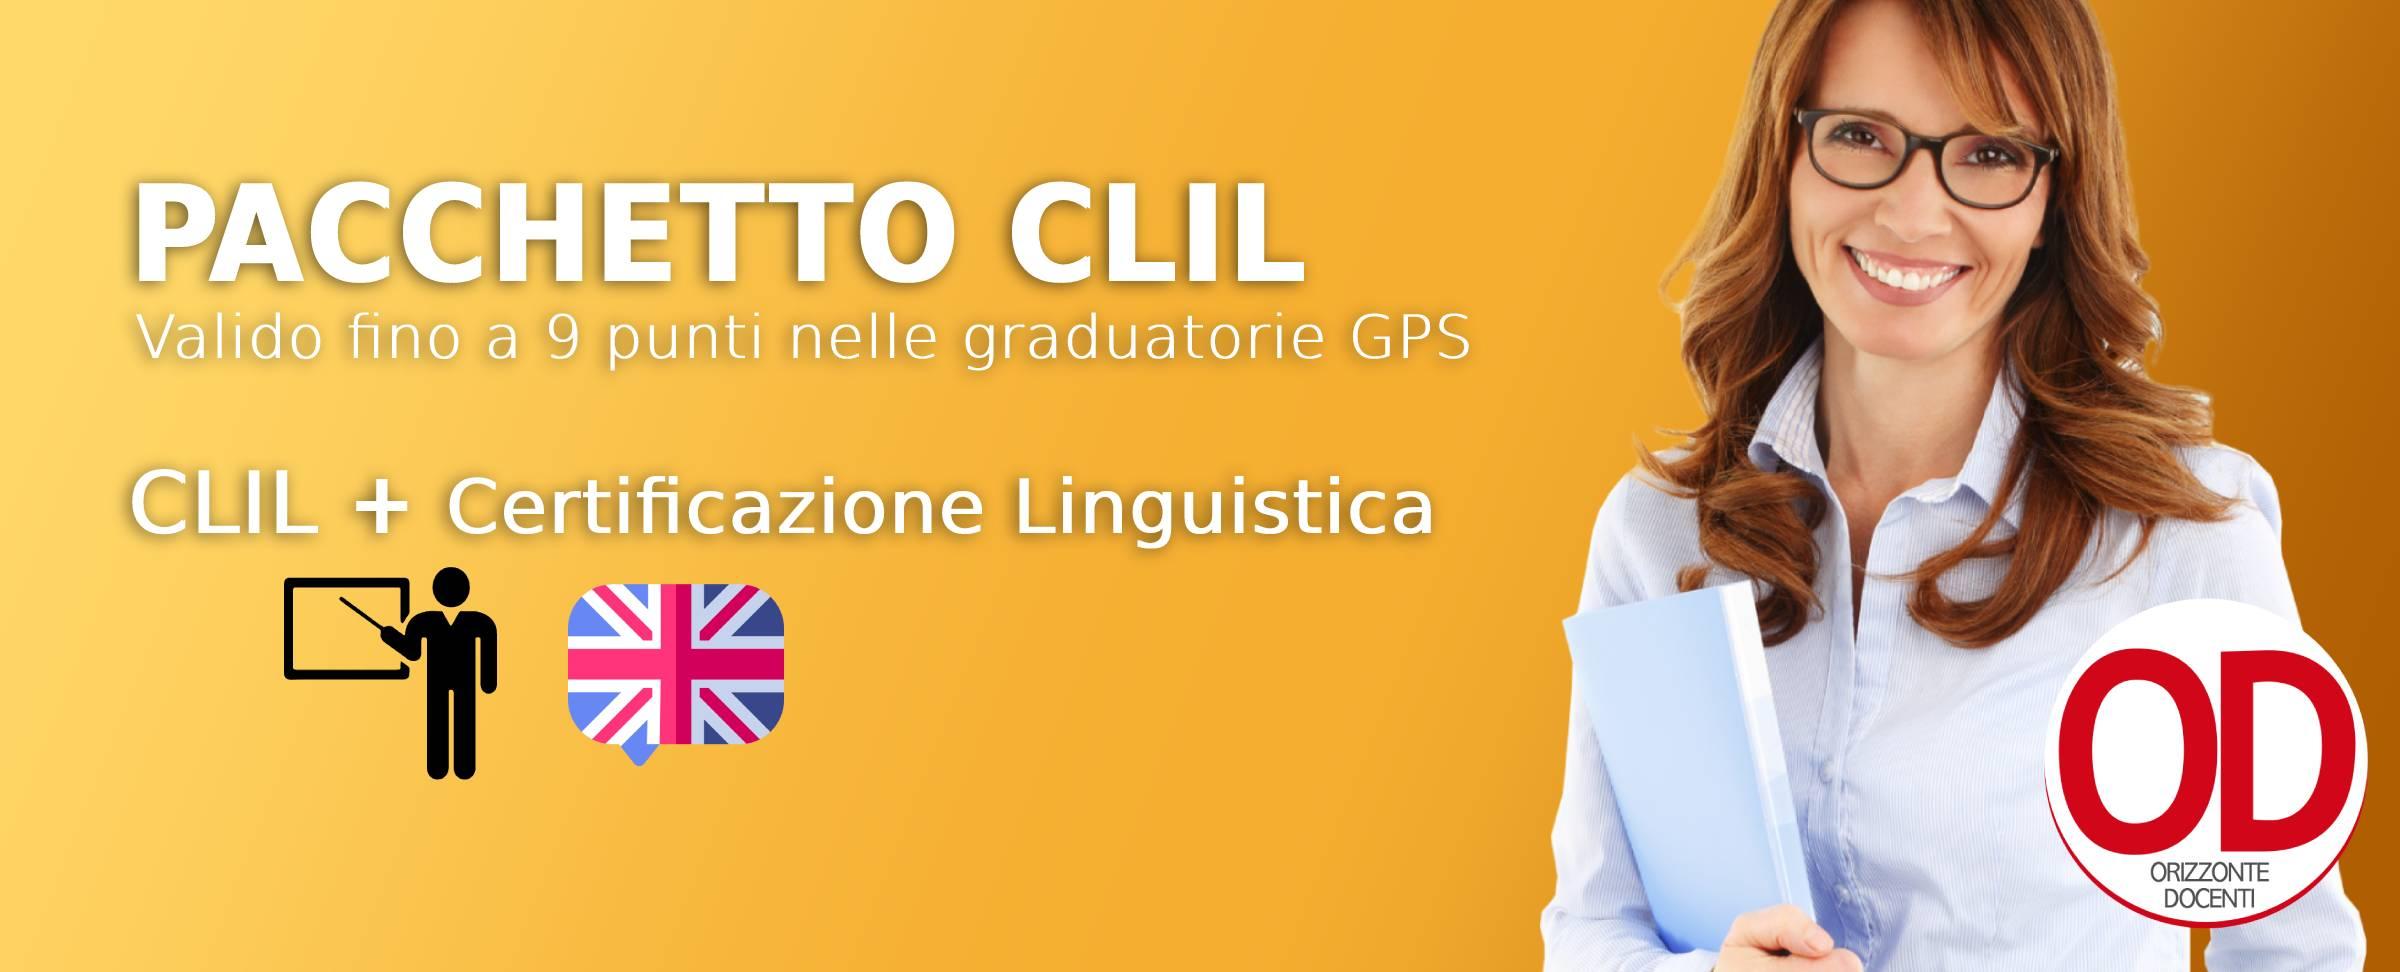 clil + certificazione linguistica